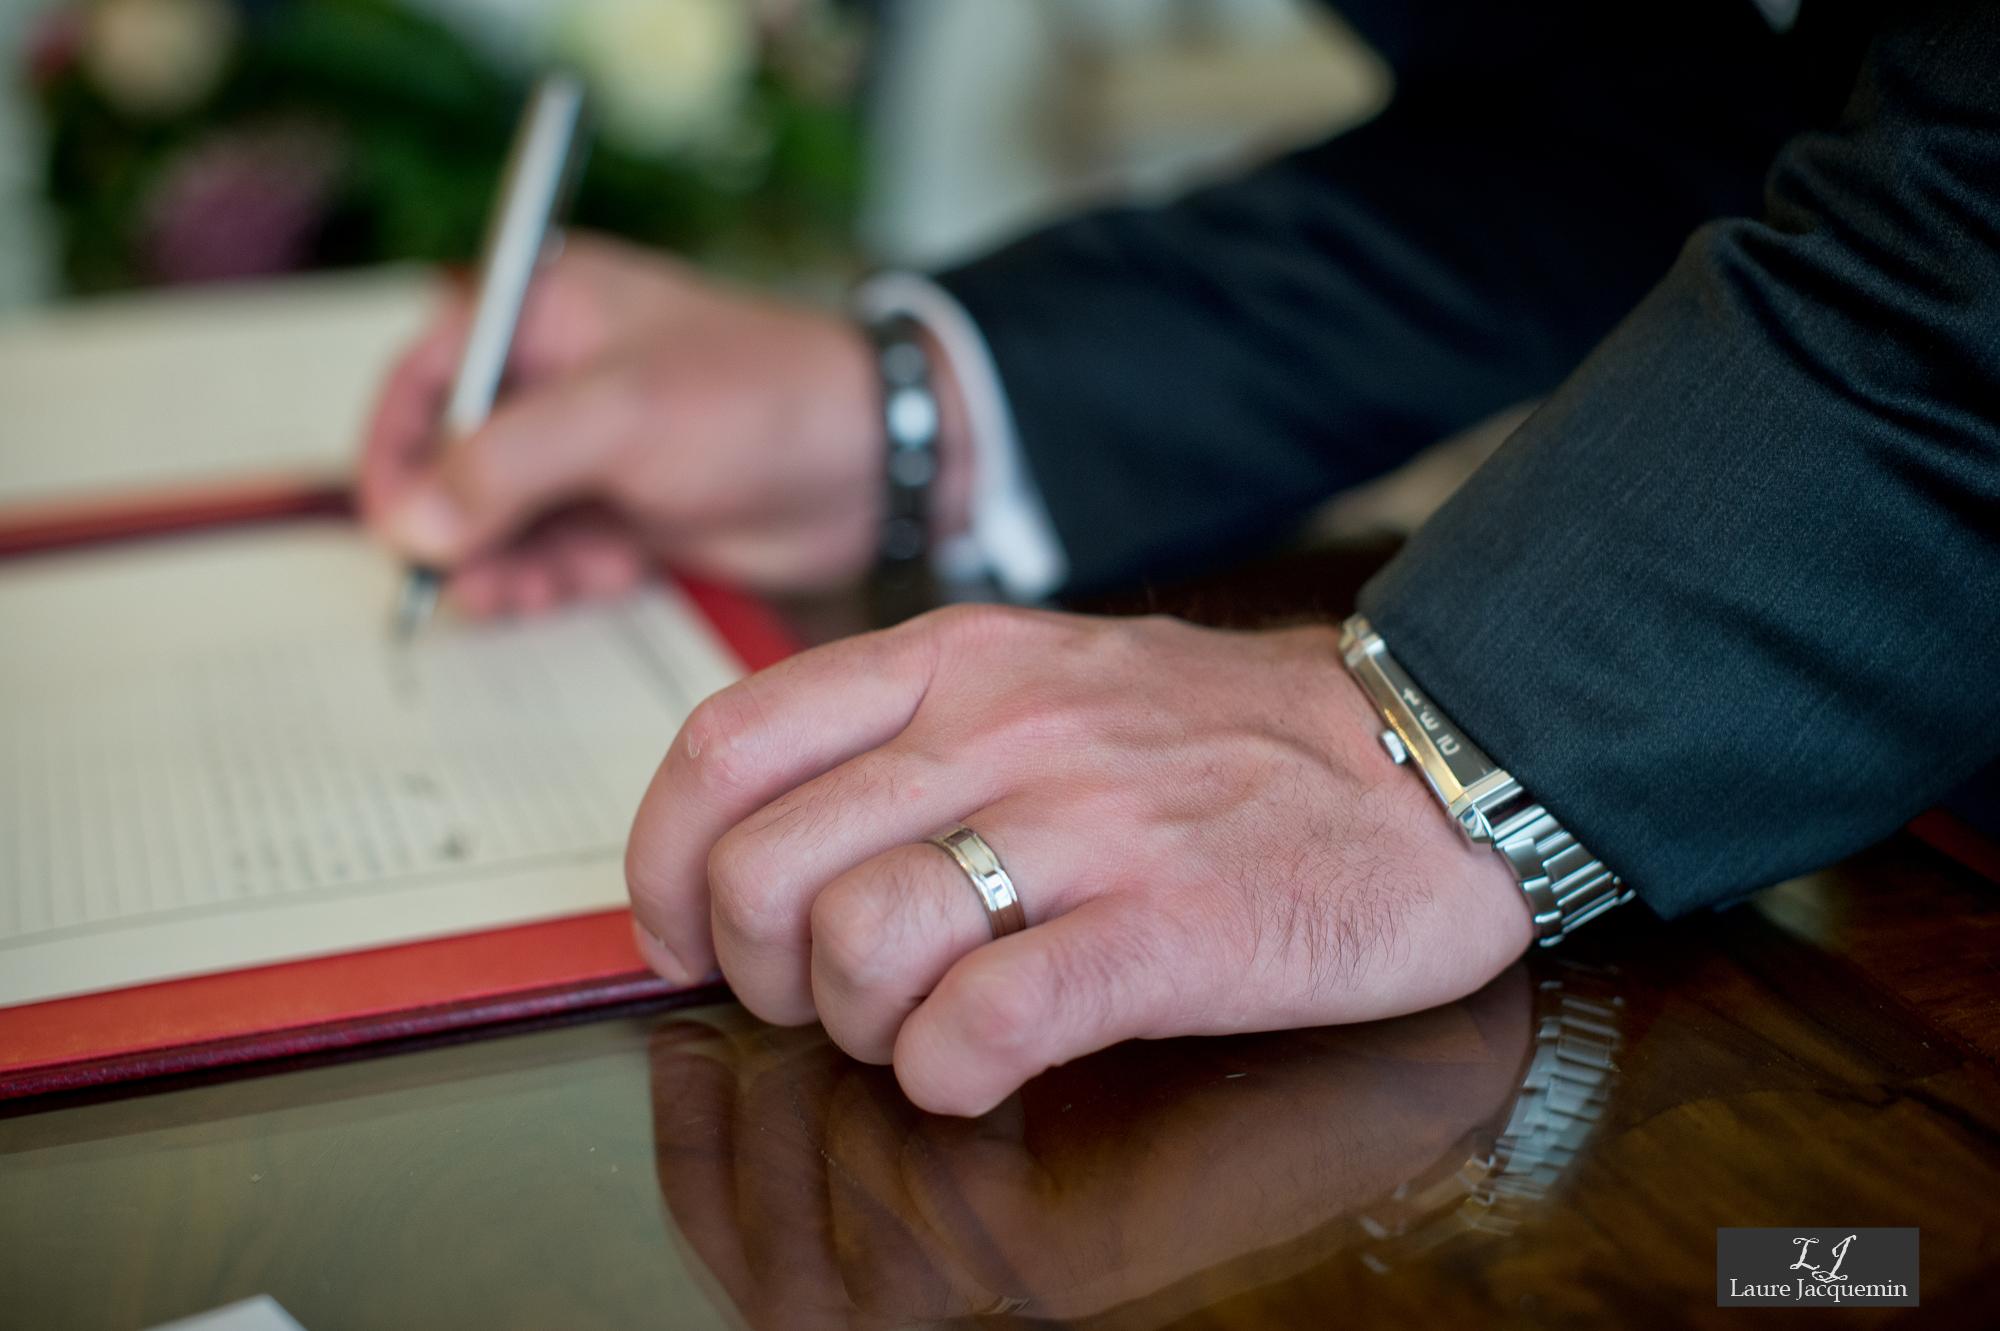 photographe mariage laure jacquemin palazzo cavalli service photographique (37)